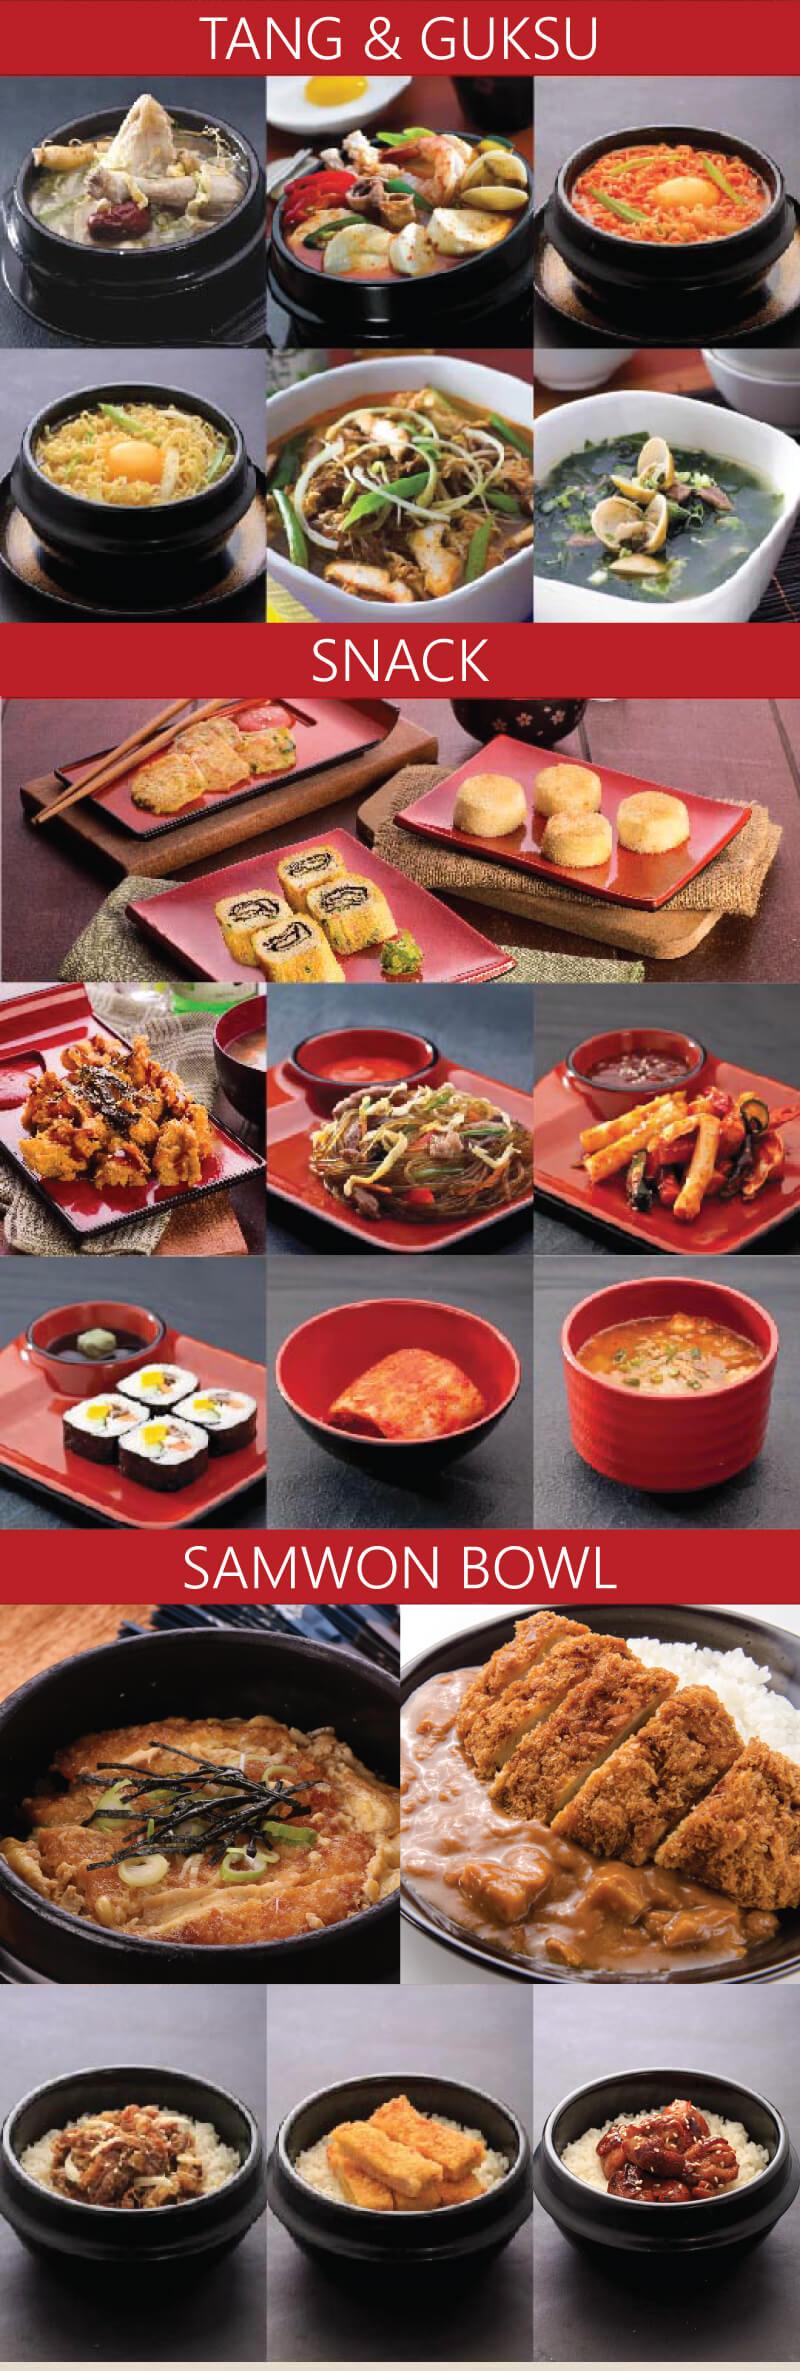 brosur berbagai macam menu samwon house